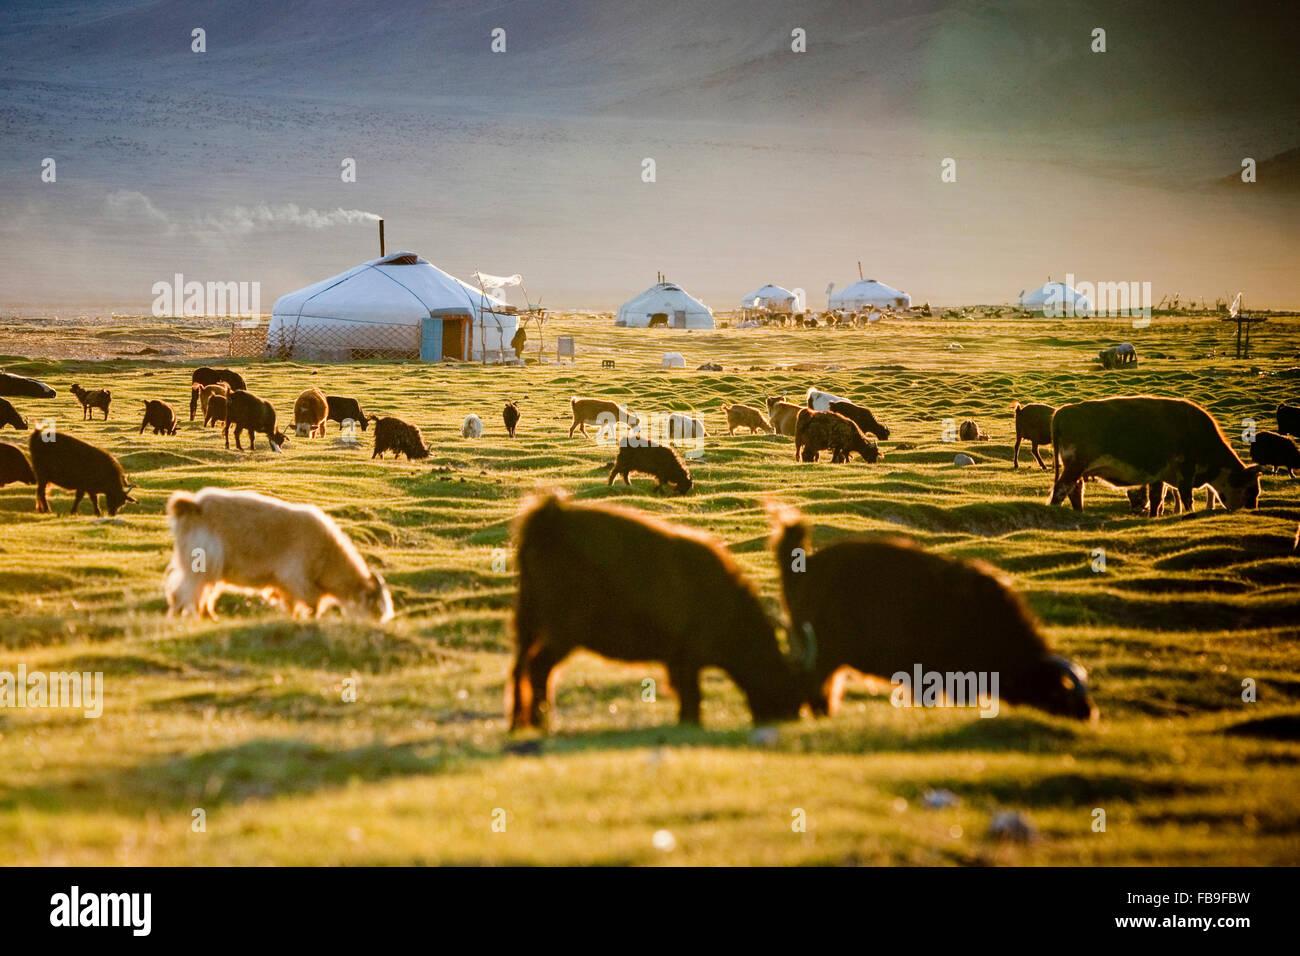 Eine Herde Weiden in einem milden Sommer in das manchmal extreme Klima des Tals Tsaast Uul im entlegenen Westen Stockbild